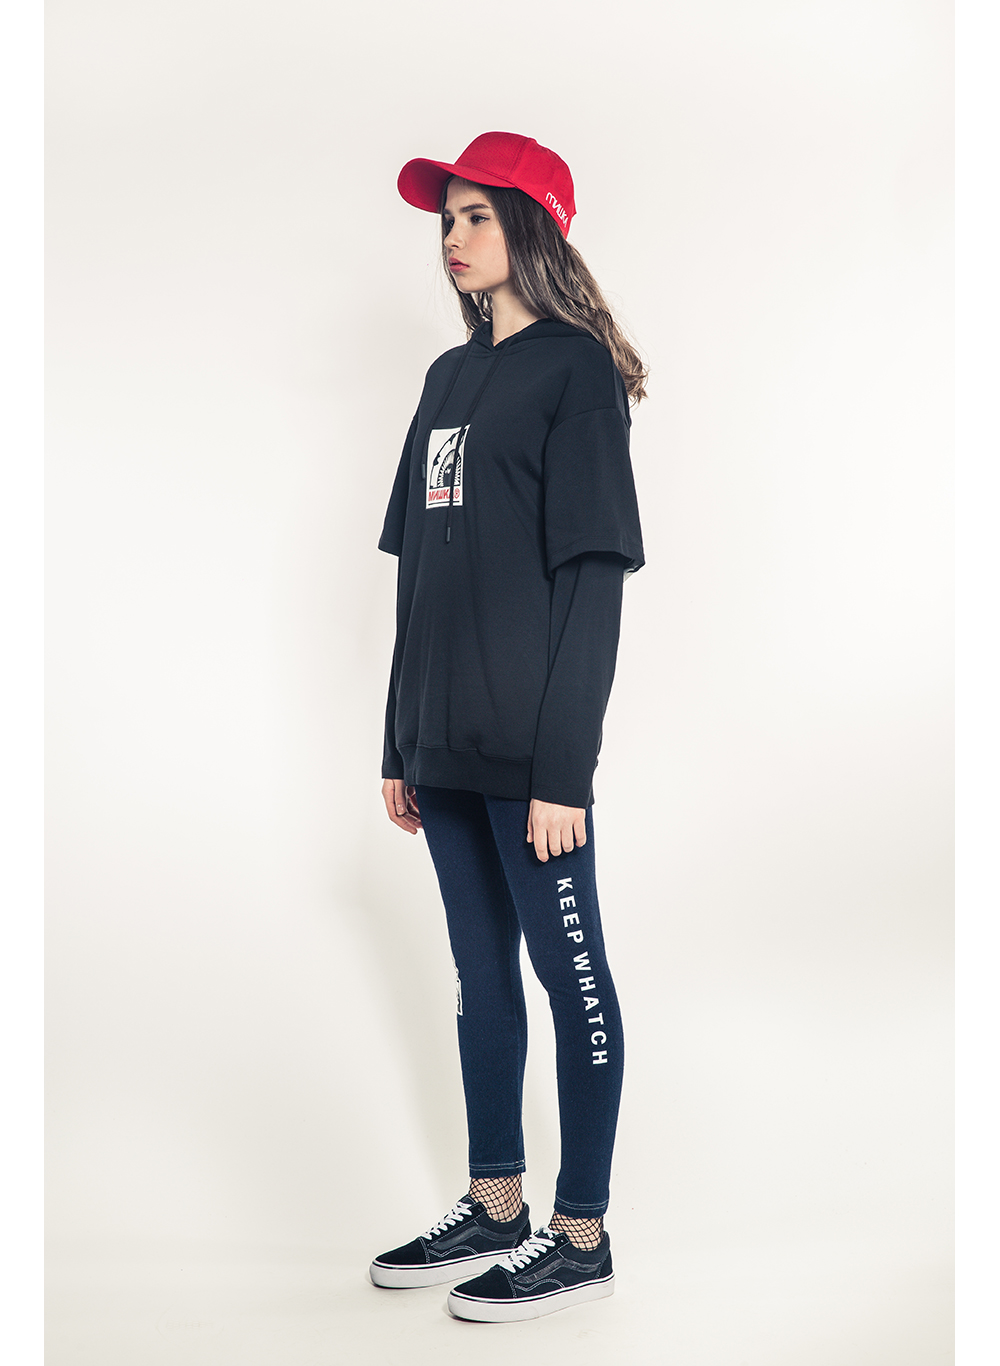 Keep Watch Worldwide Women's Pullover Hoody